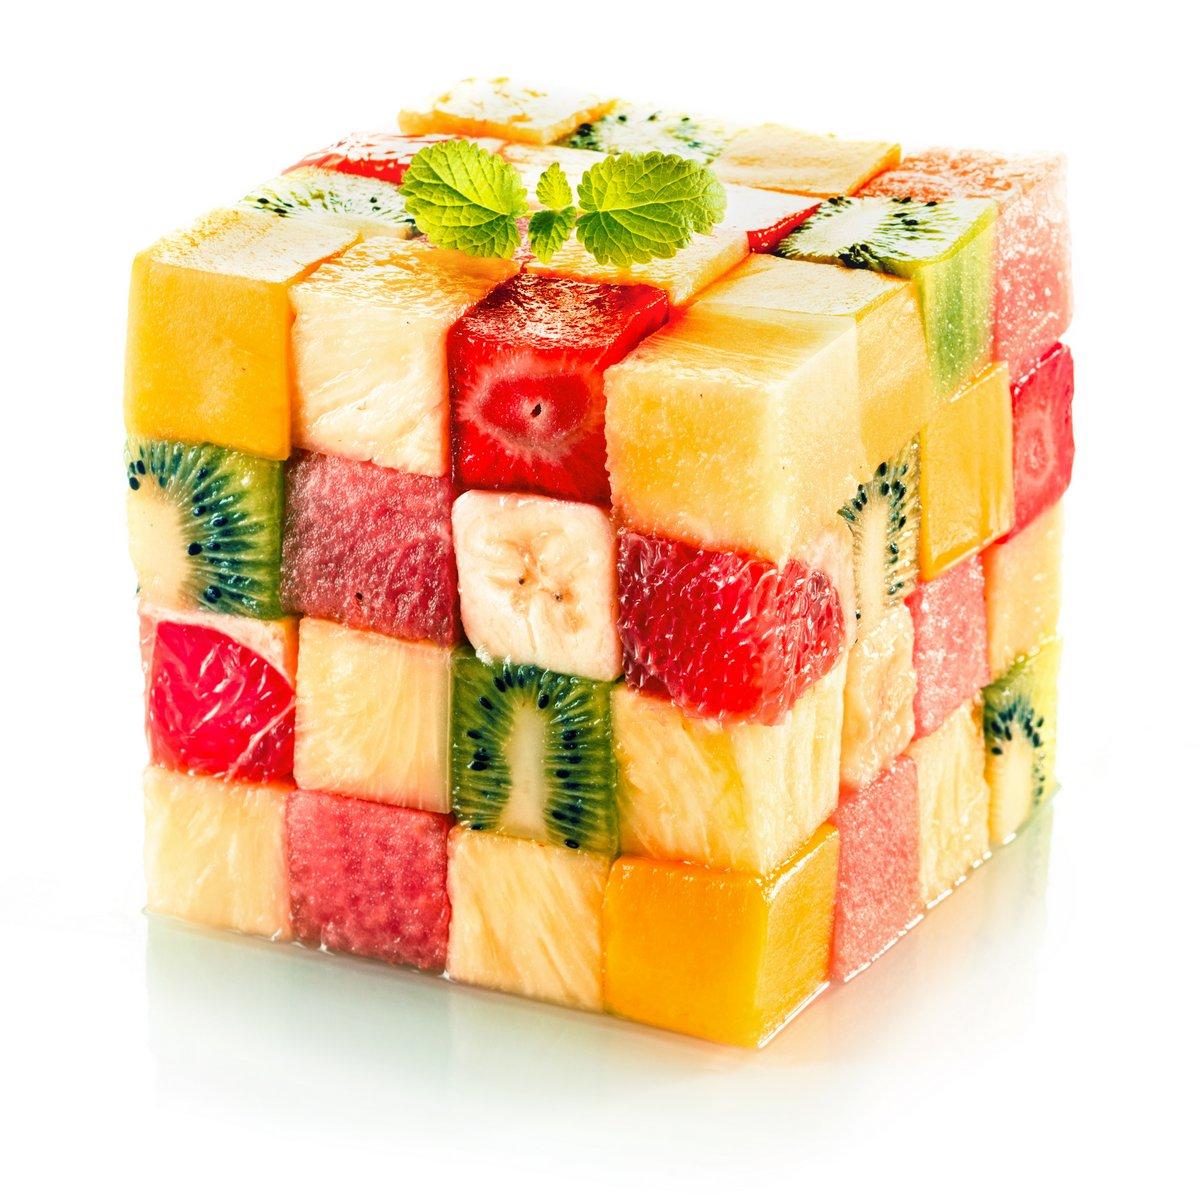 Постер Еда и напитки Фрукты куб с ассорти из тропических фруктов, 20x20 см, на бумагеФрукты<br>Постер на холсте или бумаге. Любого нужного вам размера. В раме или без. Подвес в комплекте. Трехслойная надежная упаковка. Доставим в любую точку России. Вам осталось только повесить картину на стену!<br>